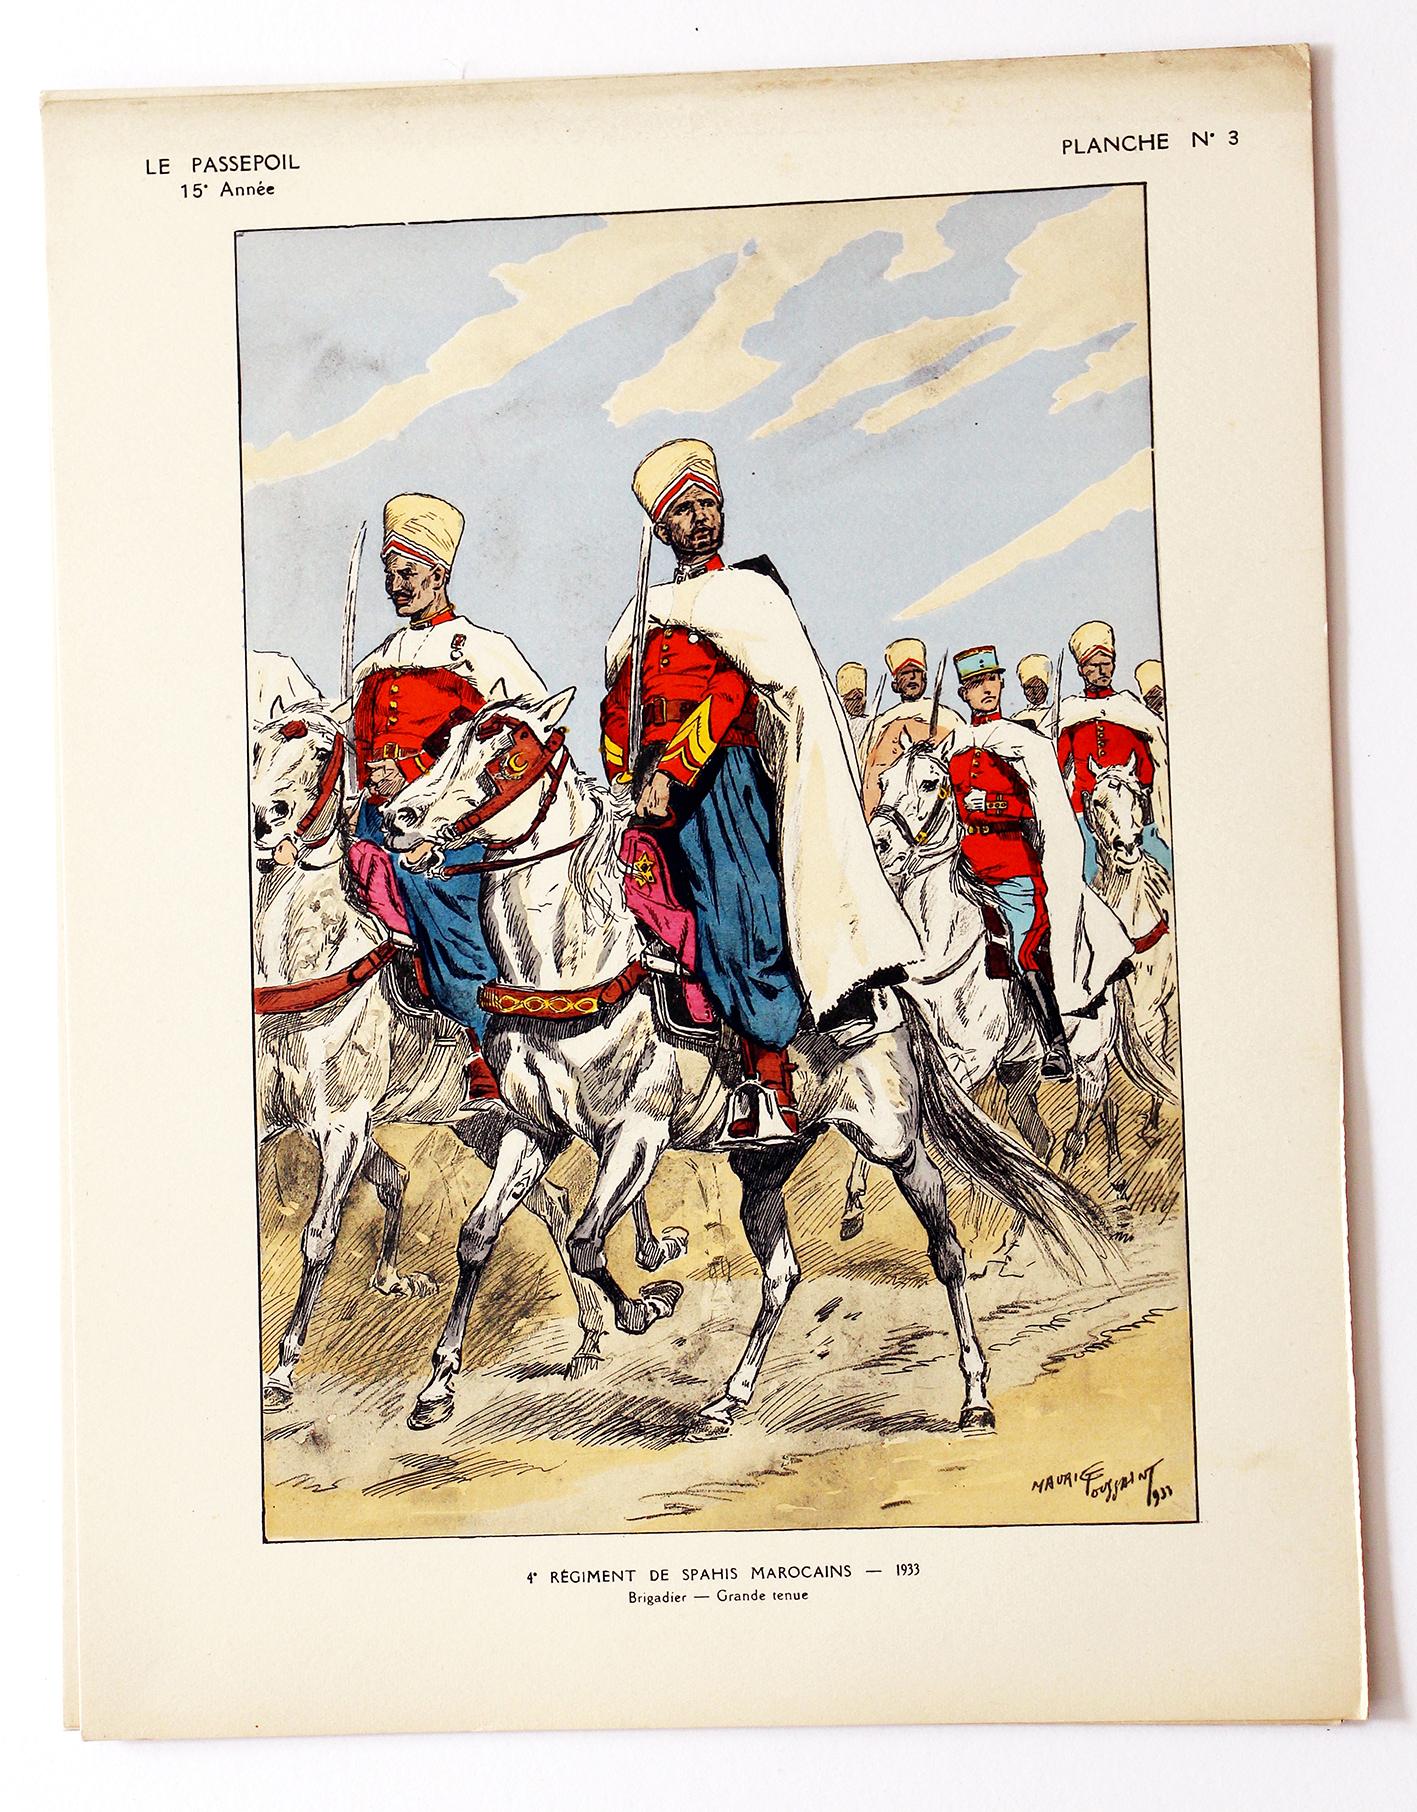 4 Régiment de Spahis Marocains - Maurice Toussaint - Le Passepoil